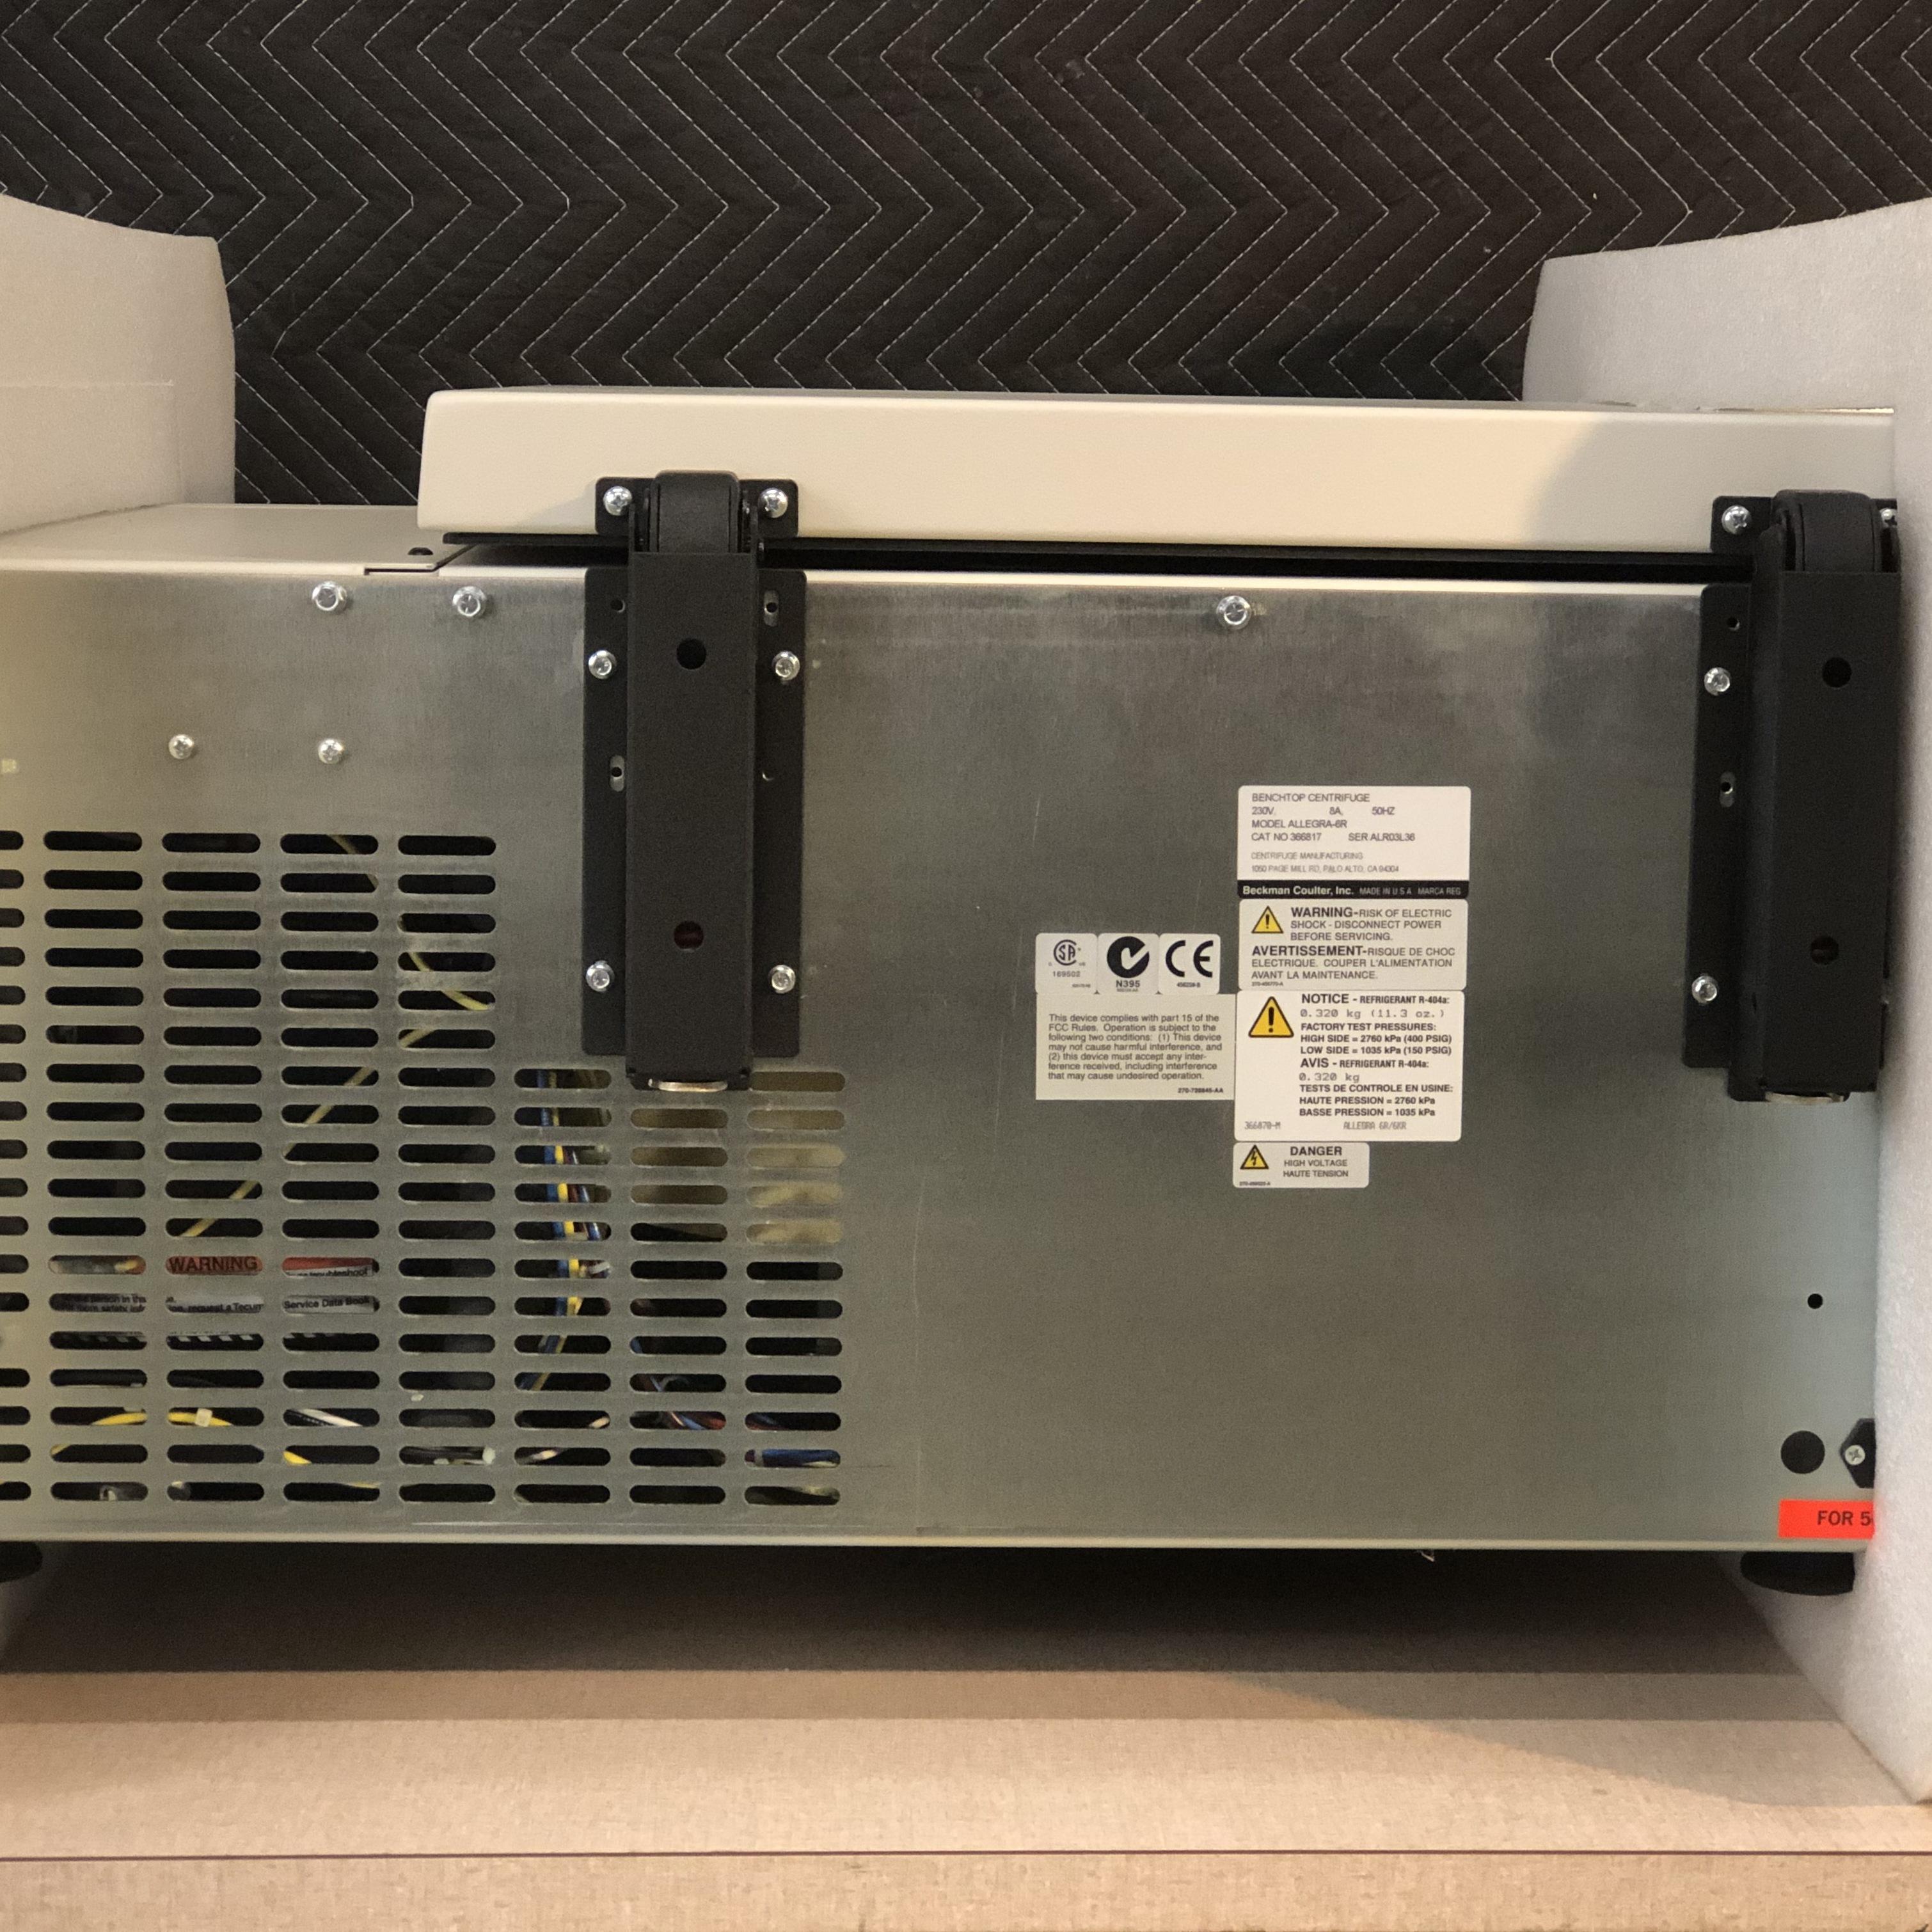 Beckman Coulter Allegra 6R Refrigerated Benchtop Centrifuge 230 V 50 Hz Image